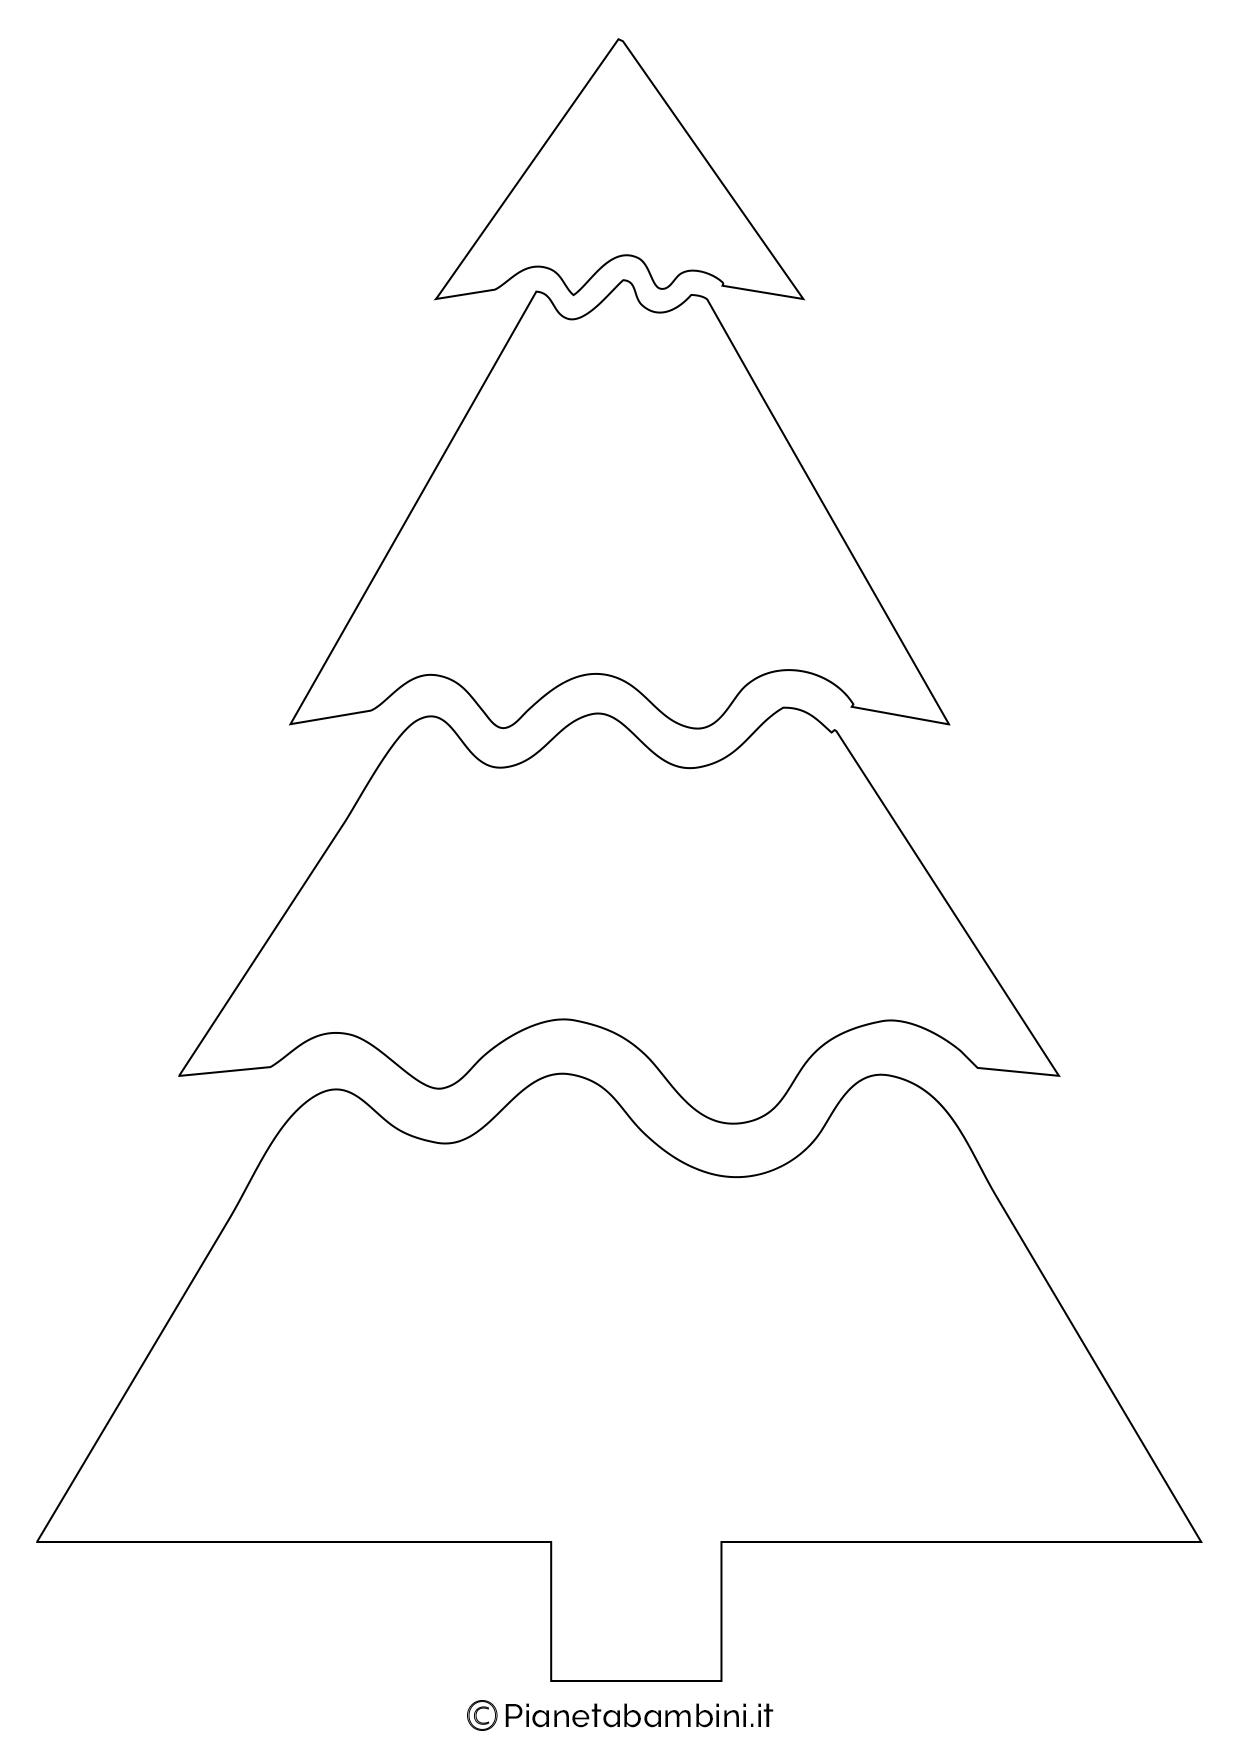 Eccezionale 24 Sagome di Alberi di Natale da Stampare e Ritagliare  VU73